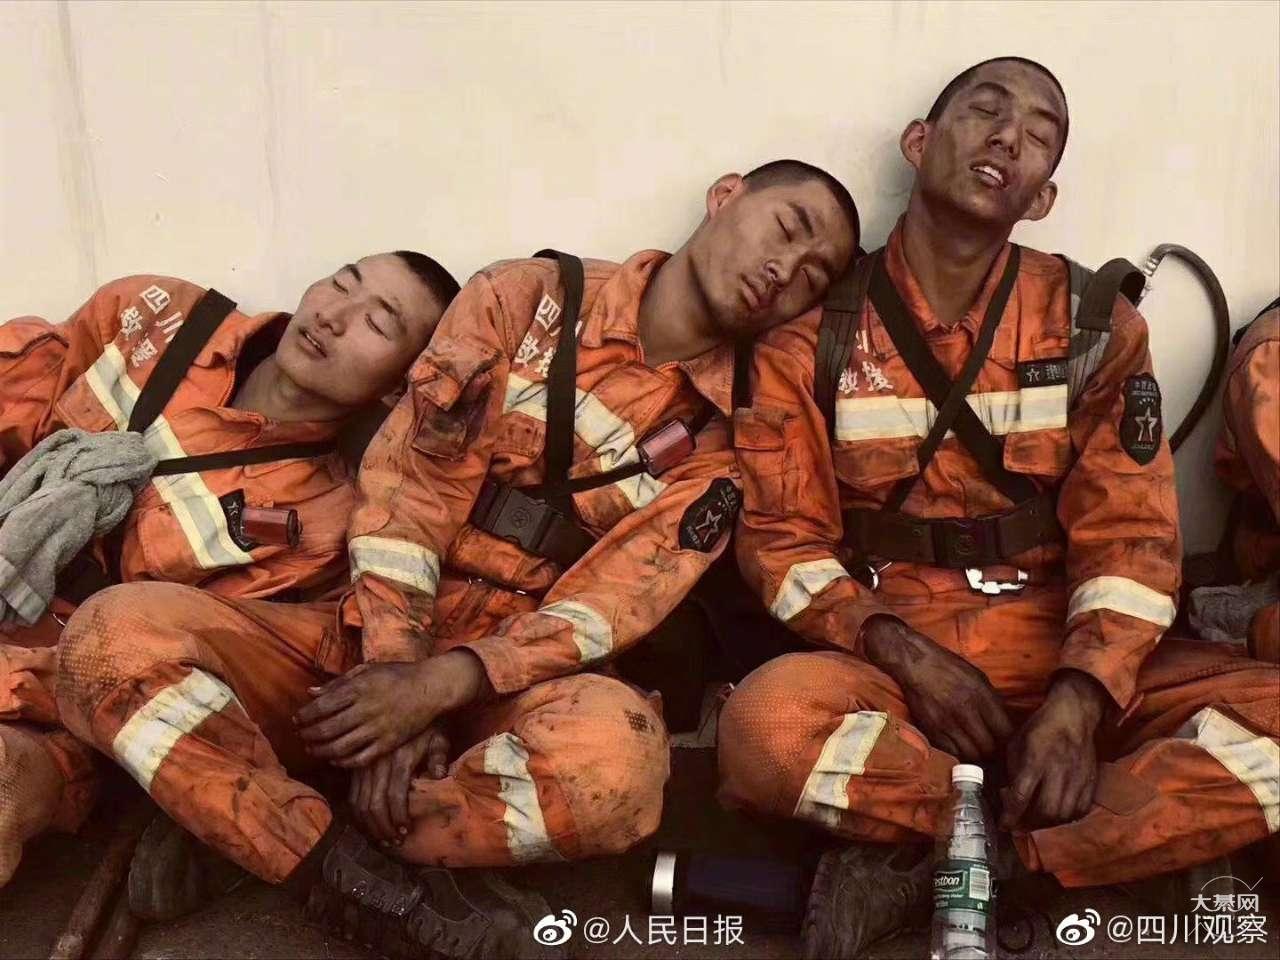 勇士们辛苦了!这是救火武警被烟熏过的脸